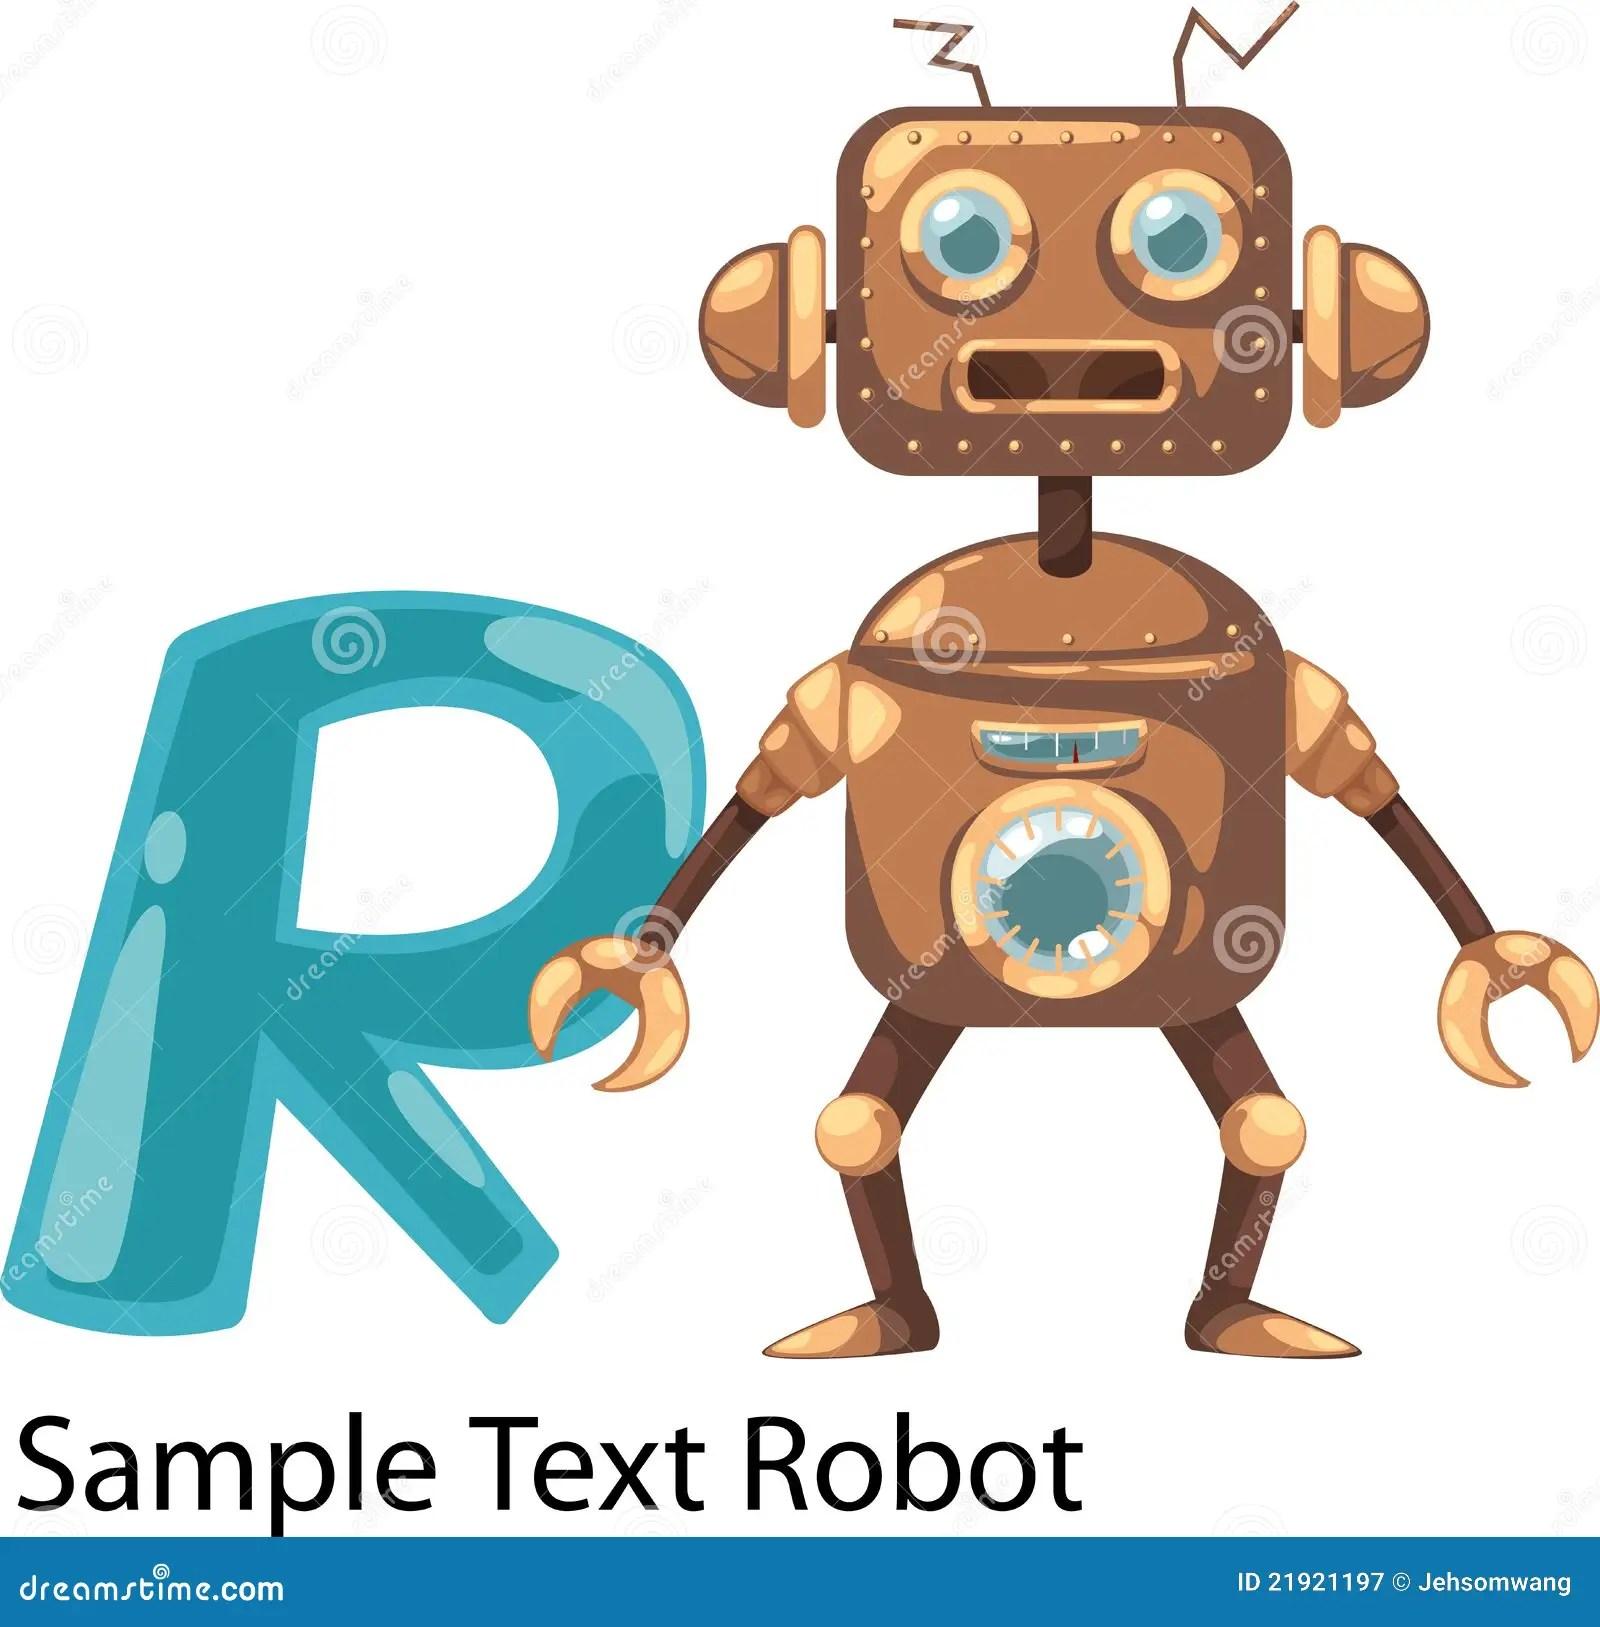 Illustration Alphabet Letter R Robot Stock Vector